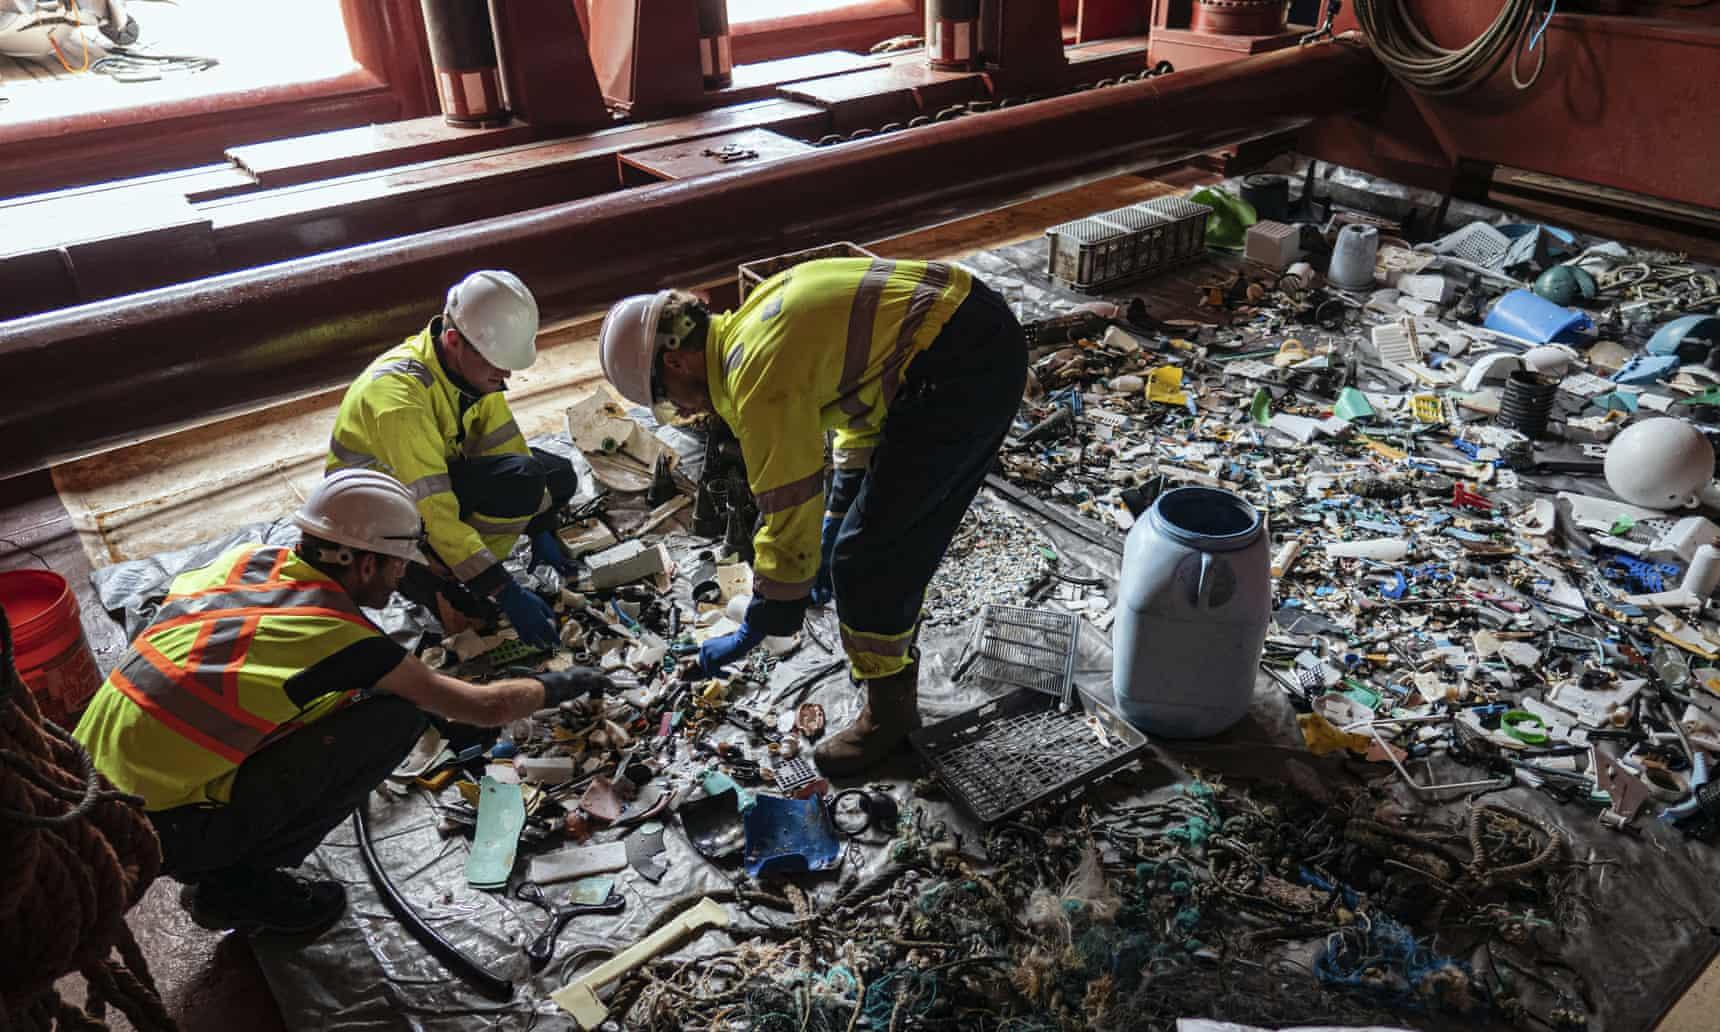 Los miembros de la tripulación clasifican el plástico a bordo de una embarcación de apoyo en el Pacífico